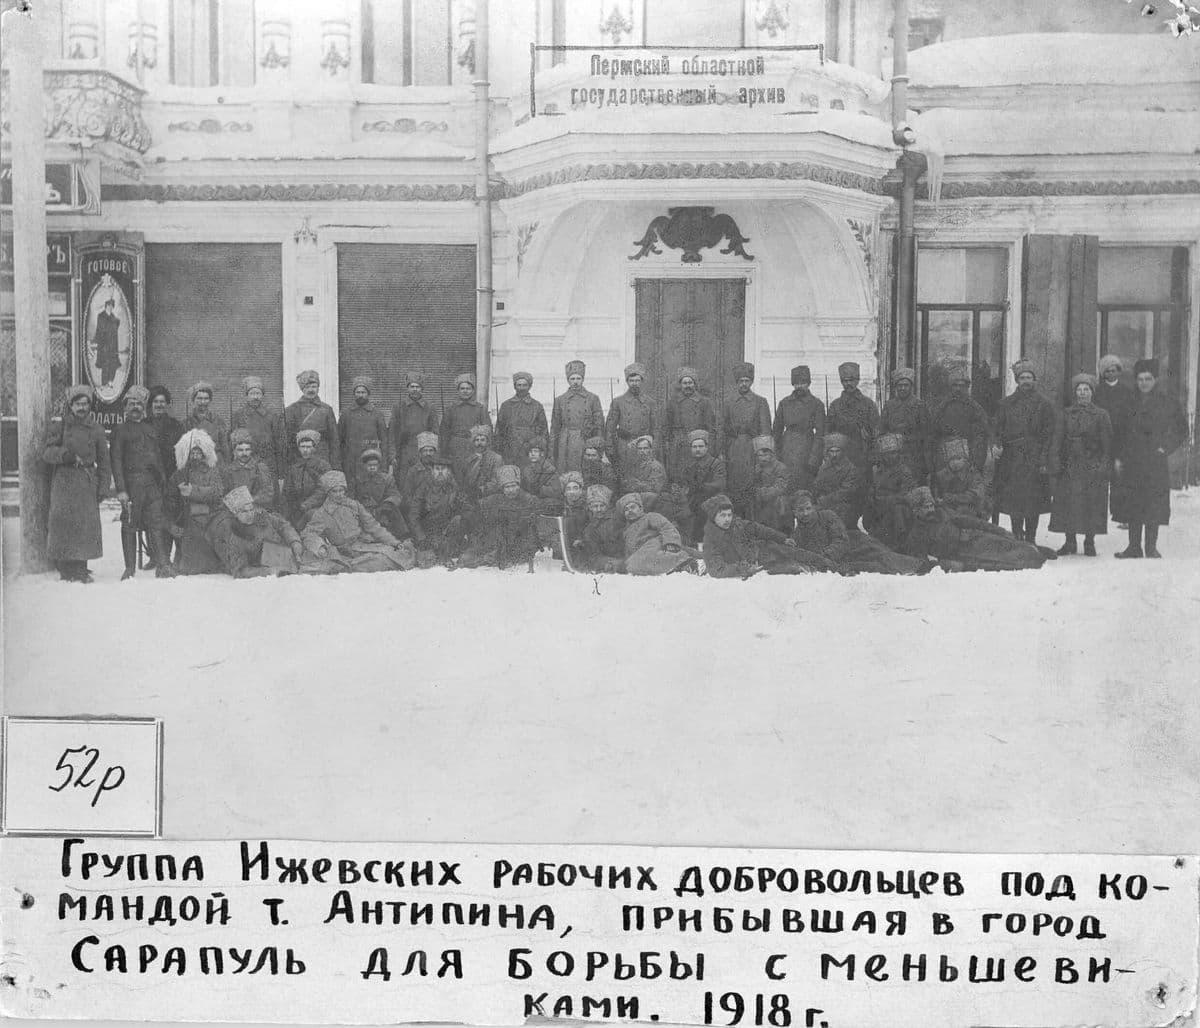 Отряд ижевских рабочих для борьбы с меньшевиками (установления большевистского Совета) в Сарапуле Фото: январь 1918 года, Пермский государственный архив.